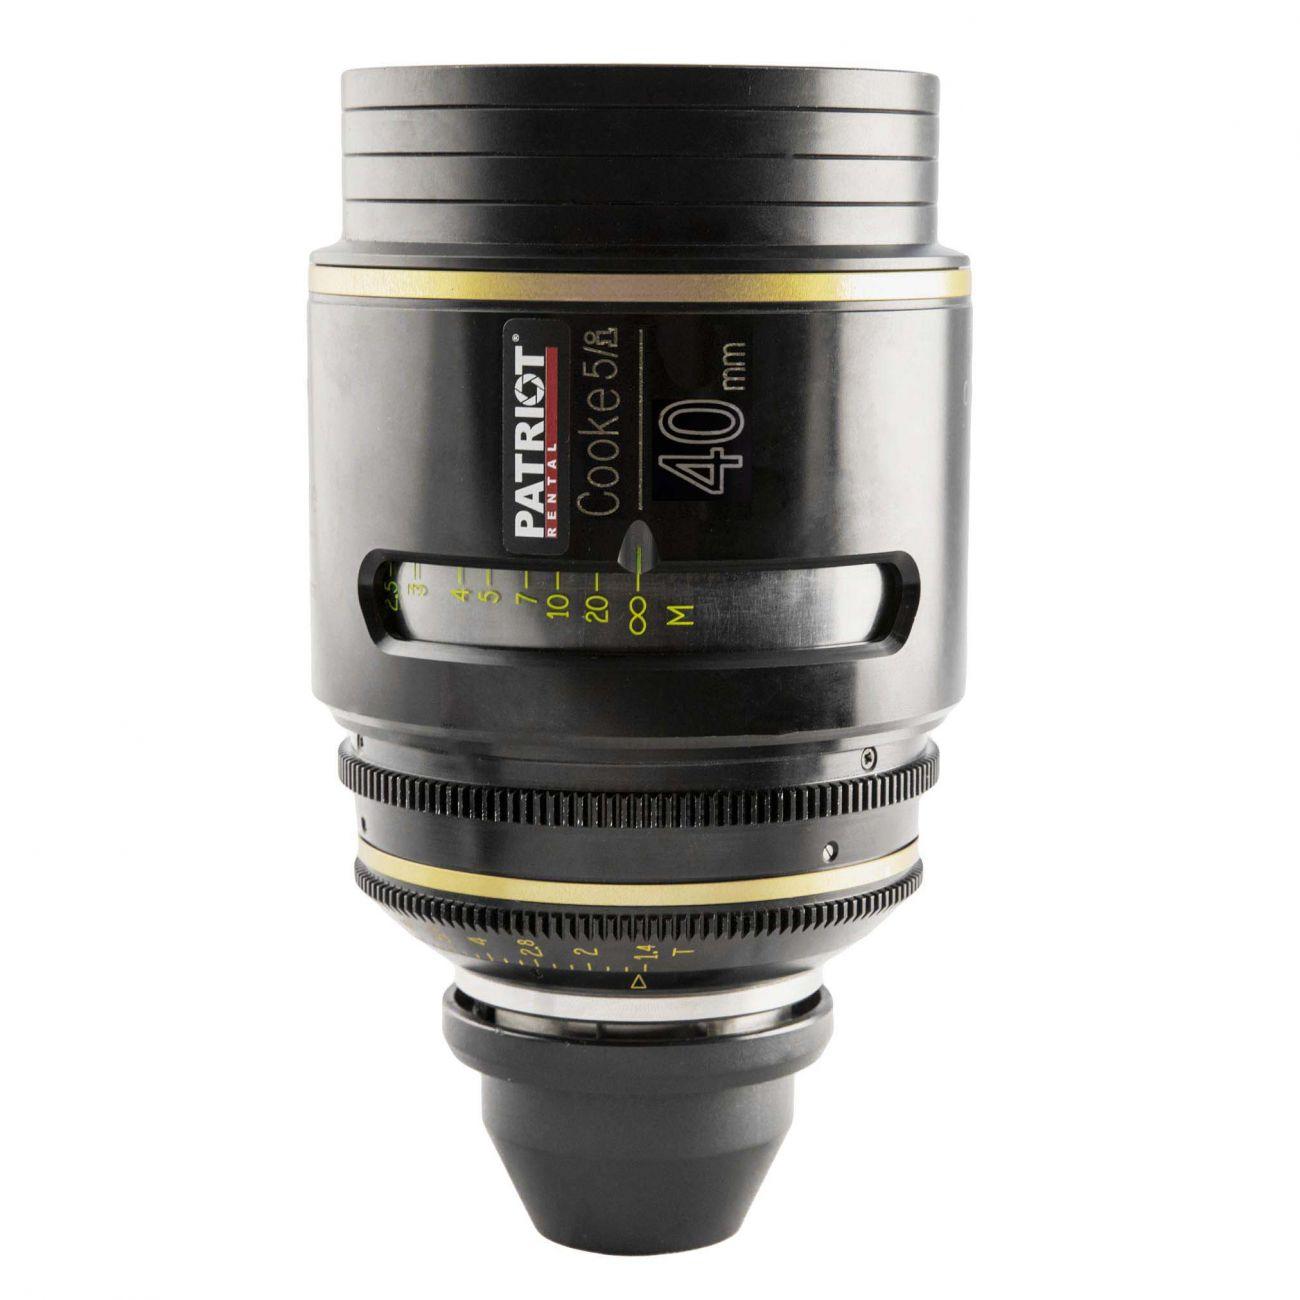 40mm COOKE 5/i lens T1.4